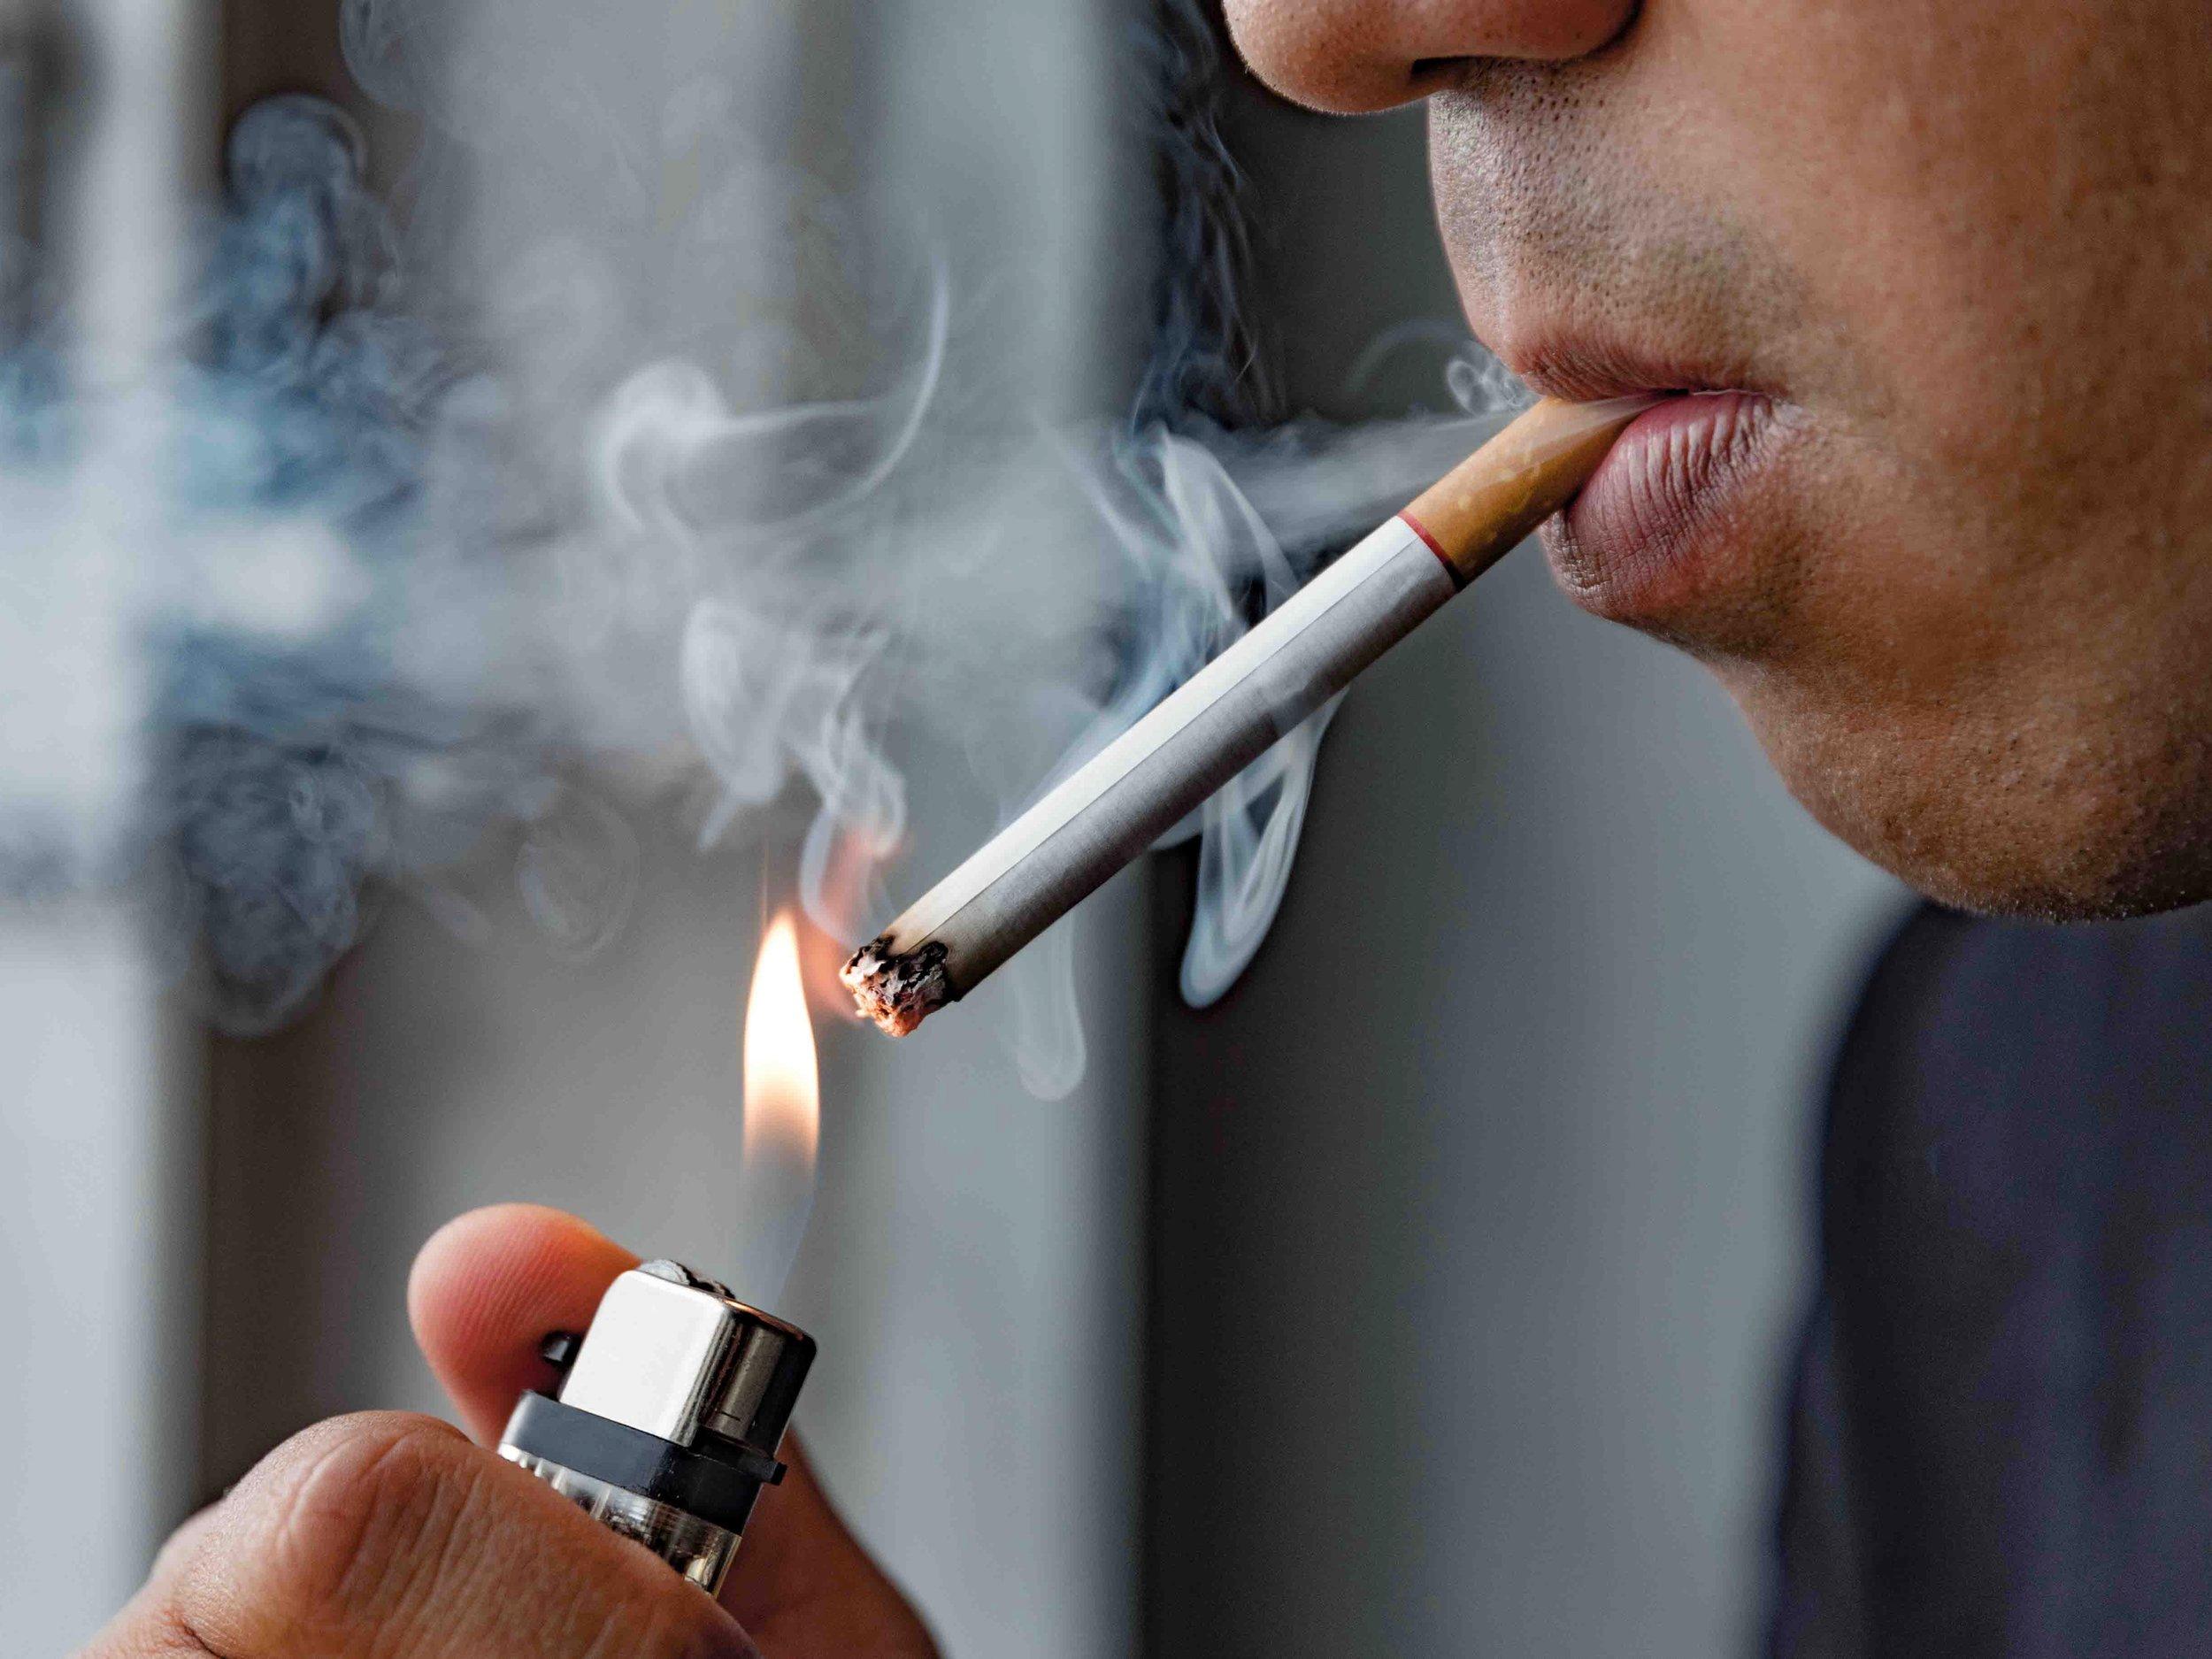 Senate President John Cullerton backs a hike in the cigarette tax as a health initiative. (Shutterstock)